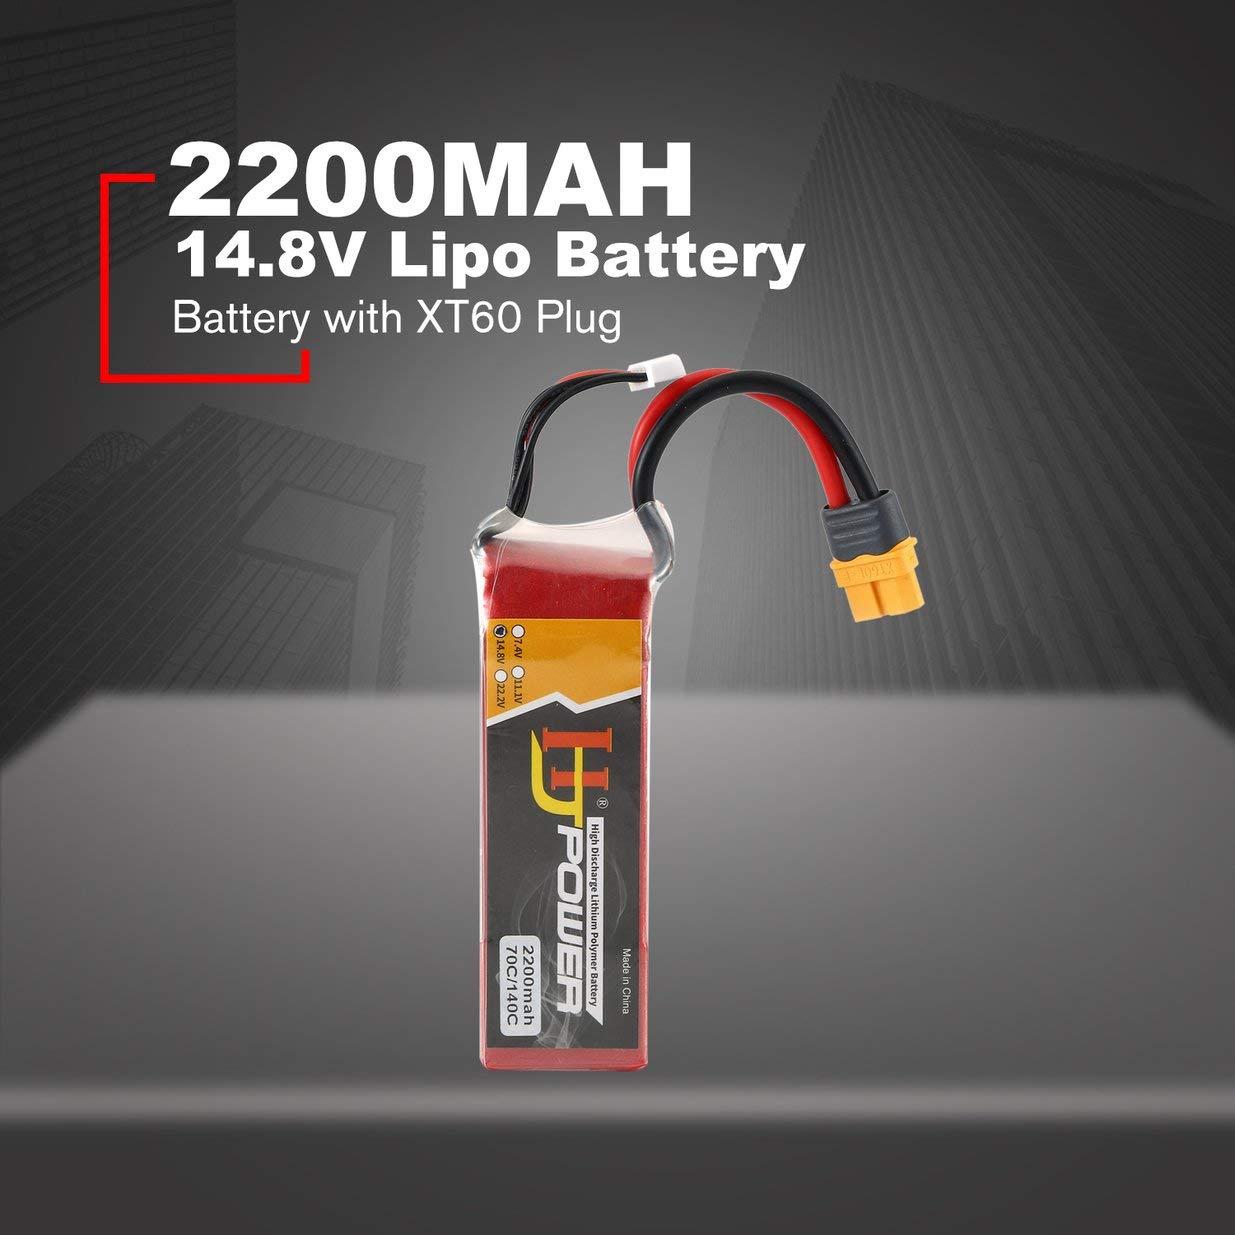 Sairis HJ 14.8V 2200MAH 70C 4S Bater/ía Lipo XT60 Enchufe Recargable para RC Racing Drone Helic/óptero Coche Barco Modelo